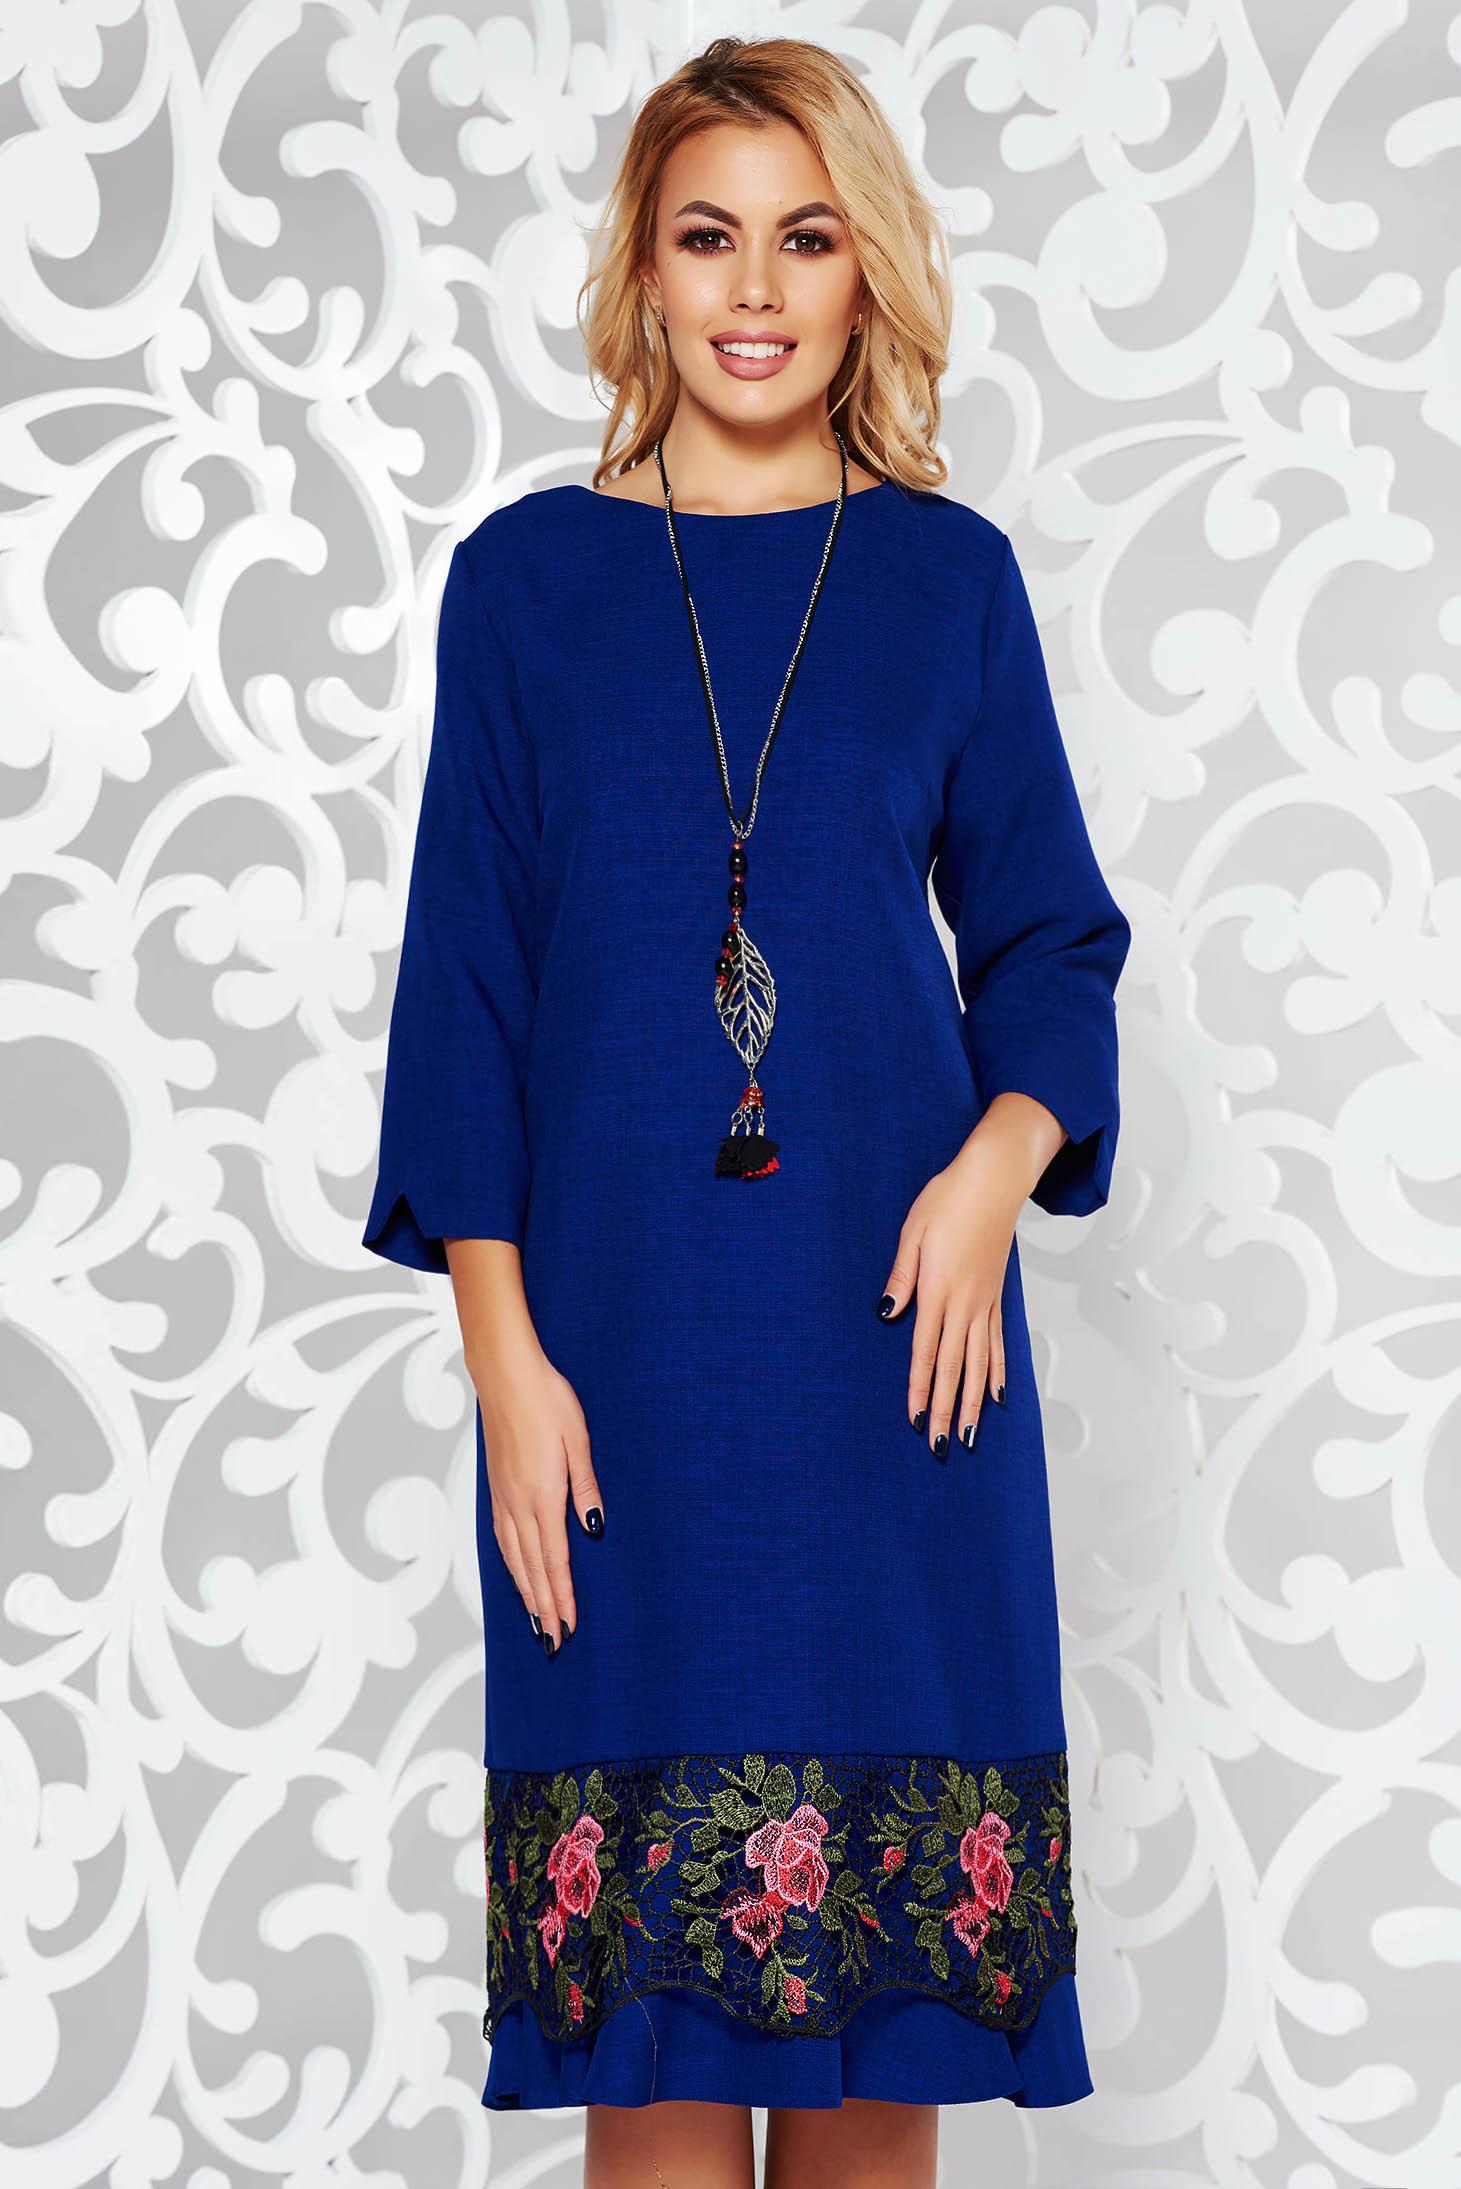 e01e4ed55d Kék elegáns bő szabású ruha enyhén elasztikus szövet csipke díszítéssel  lánccal